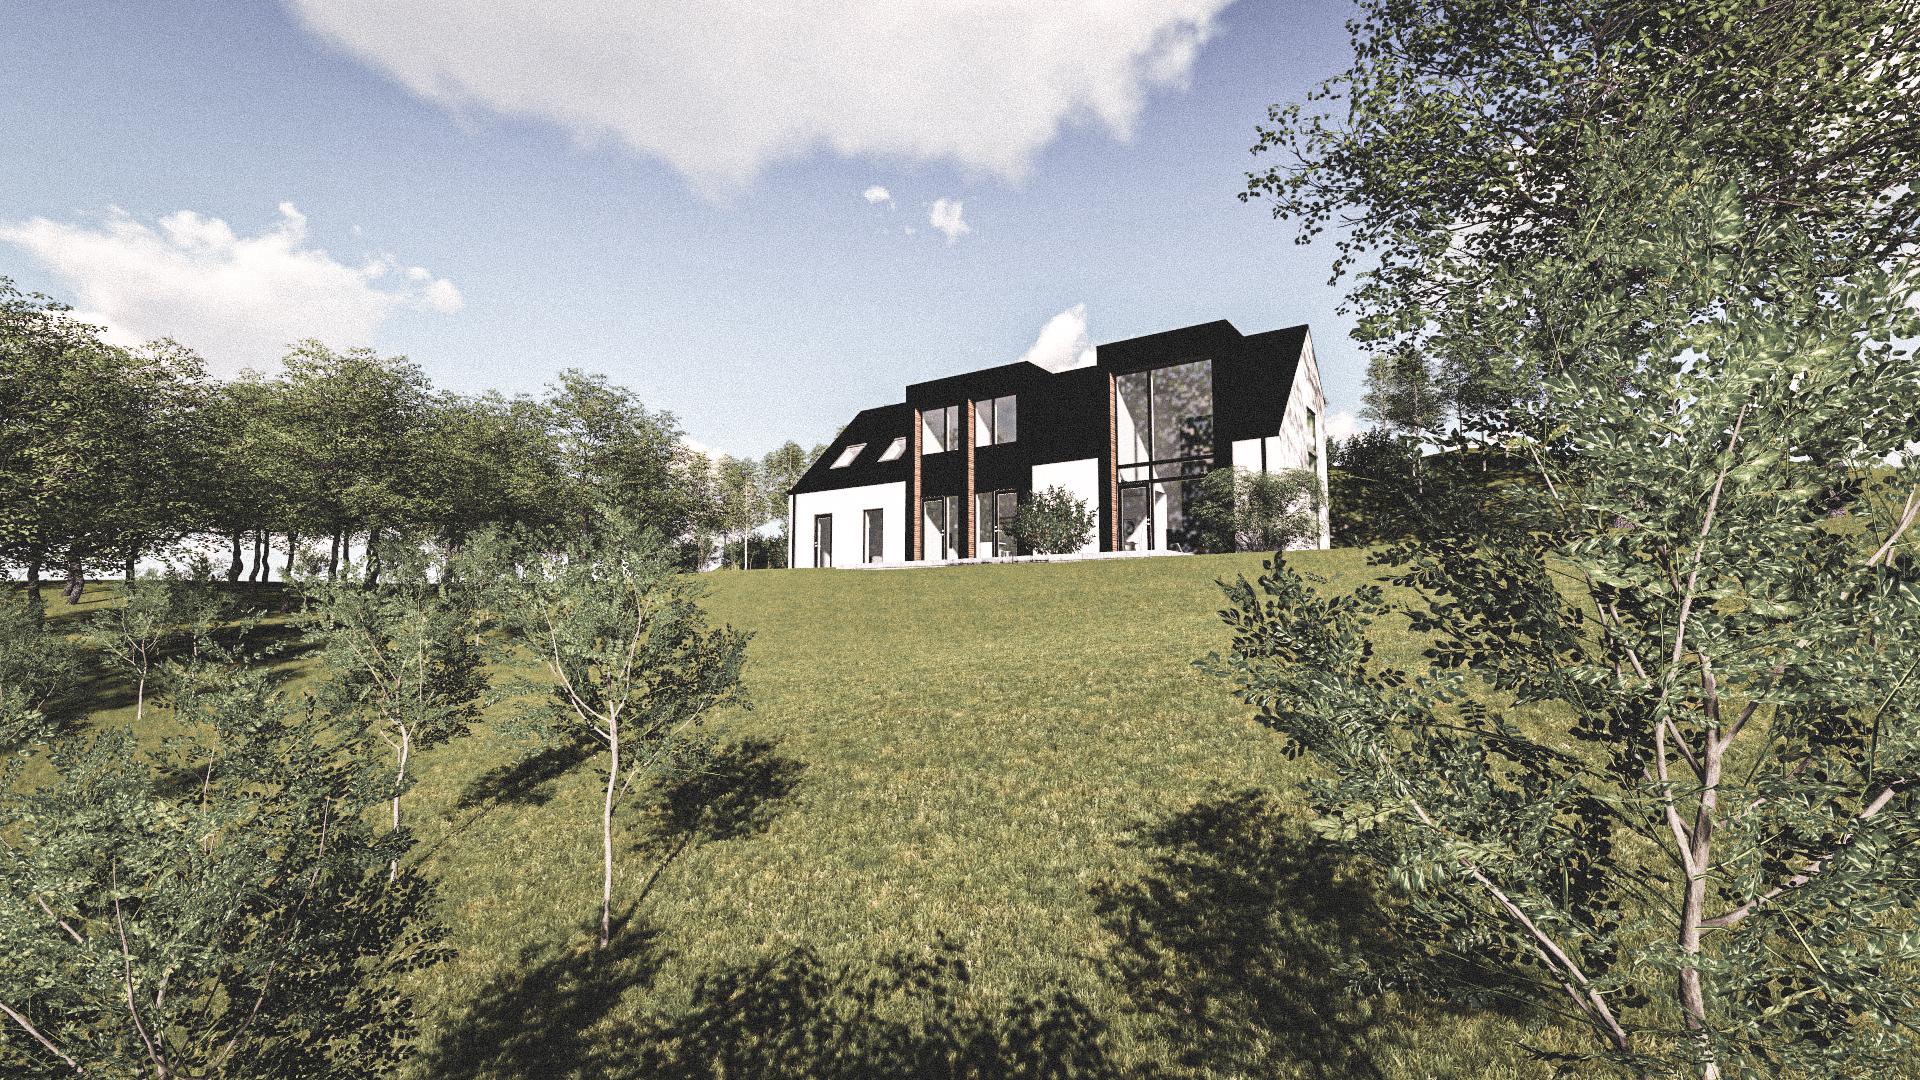 Billede af Dansk arkitekttegnet 3 plan villa af arkitektfirmaet m2plus, i VEJLE på 294 kvartratmeter.